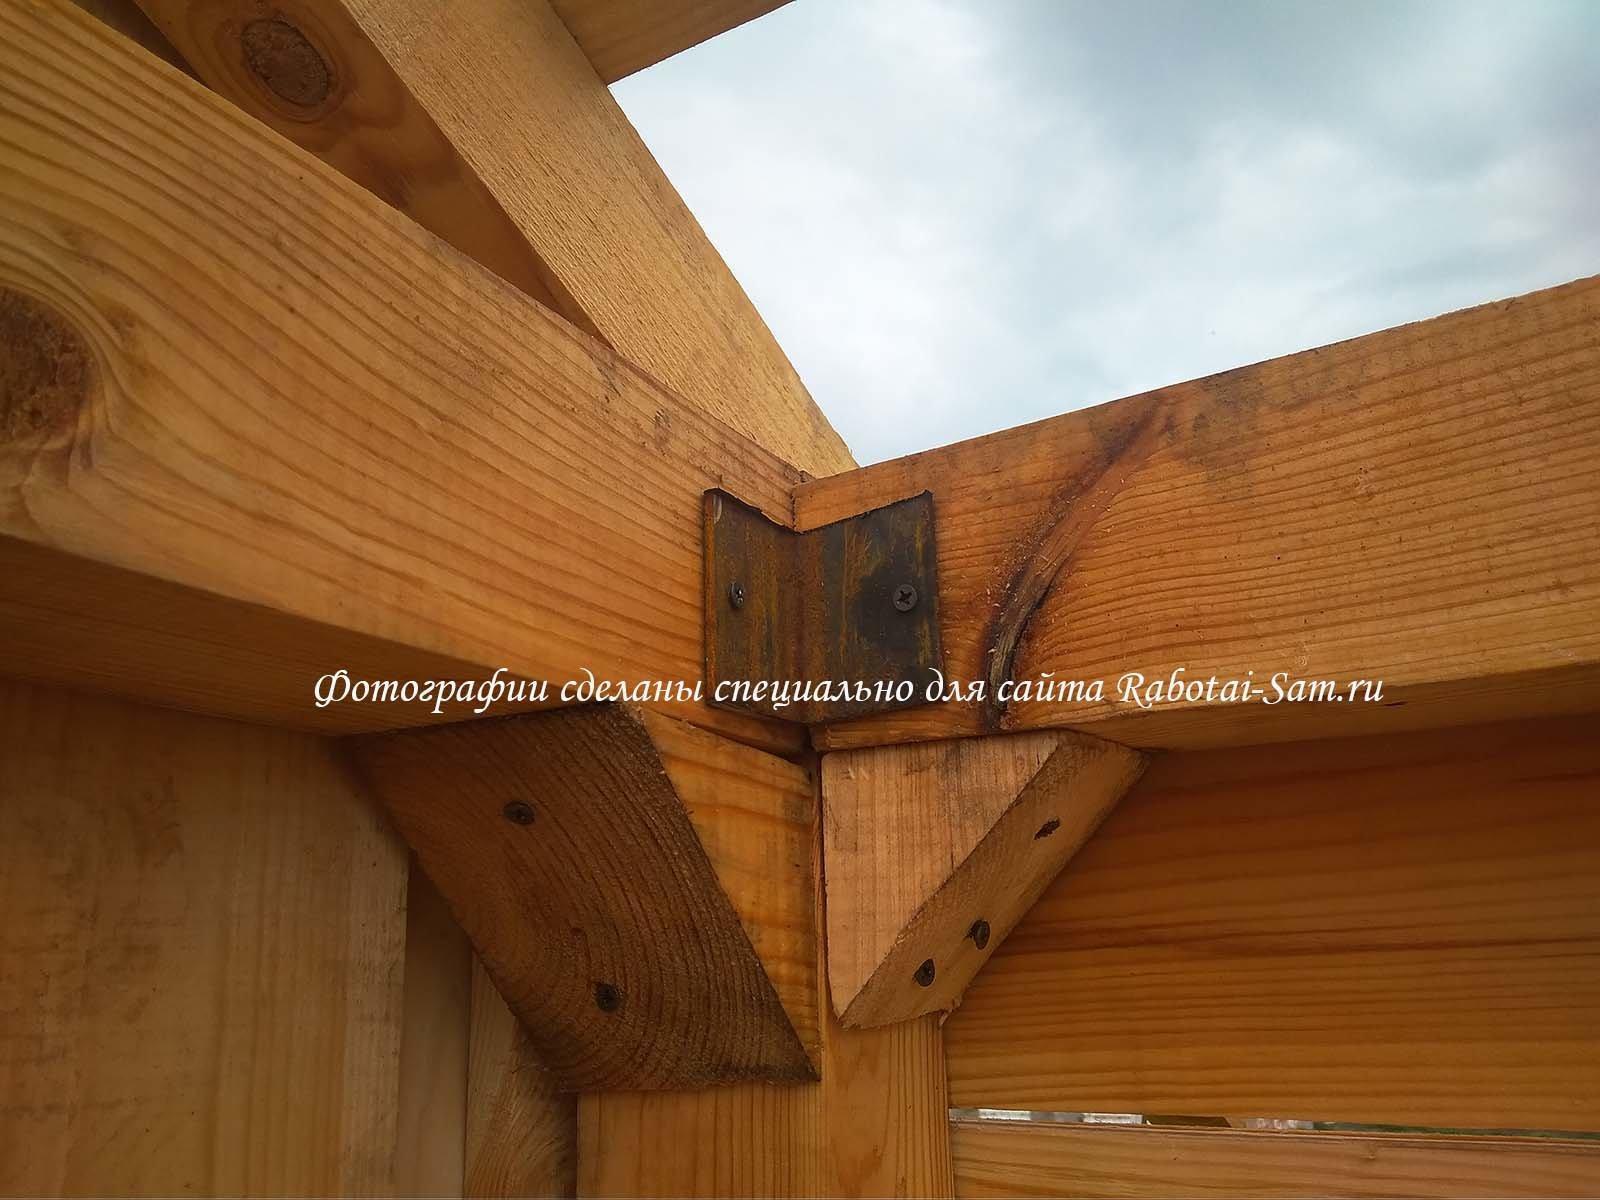 Соединение двух брусов верхней обвязки деревянной беседки